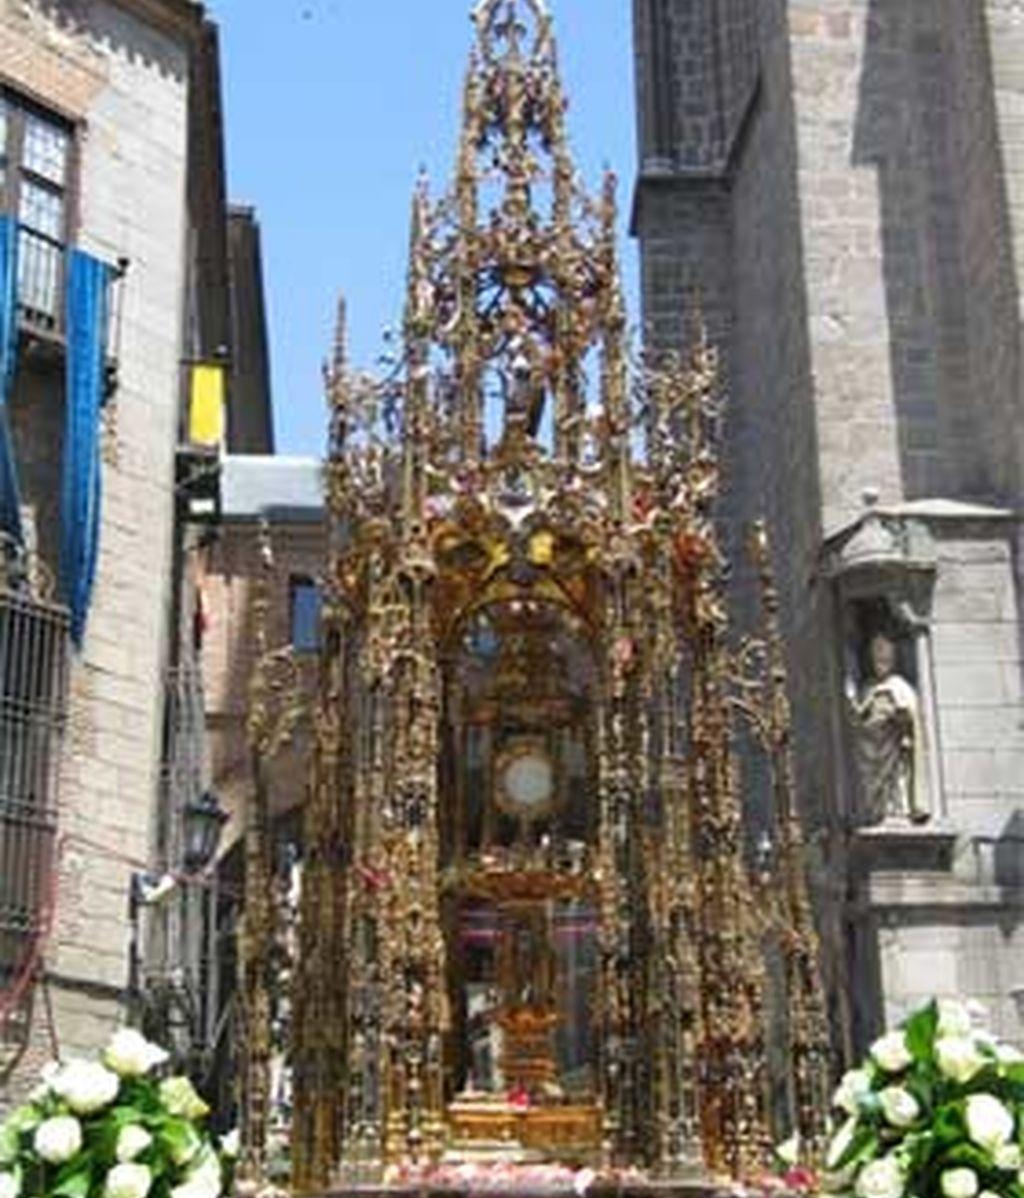 Las calles de Toledo amanecían engalanadas, repletas de turistas y fieles. Vídeo: ATLAS